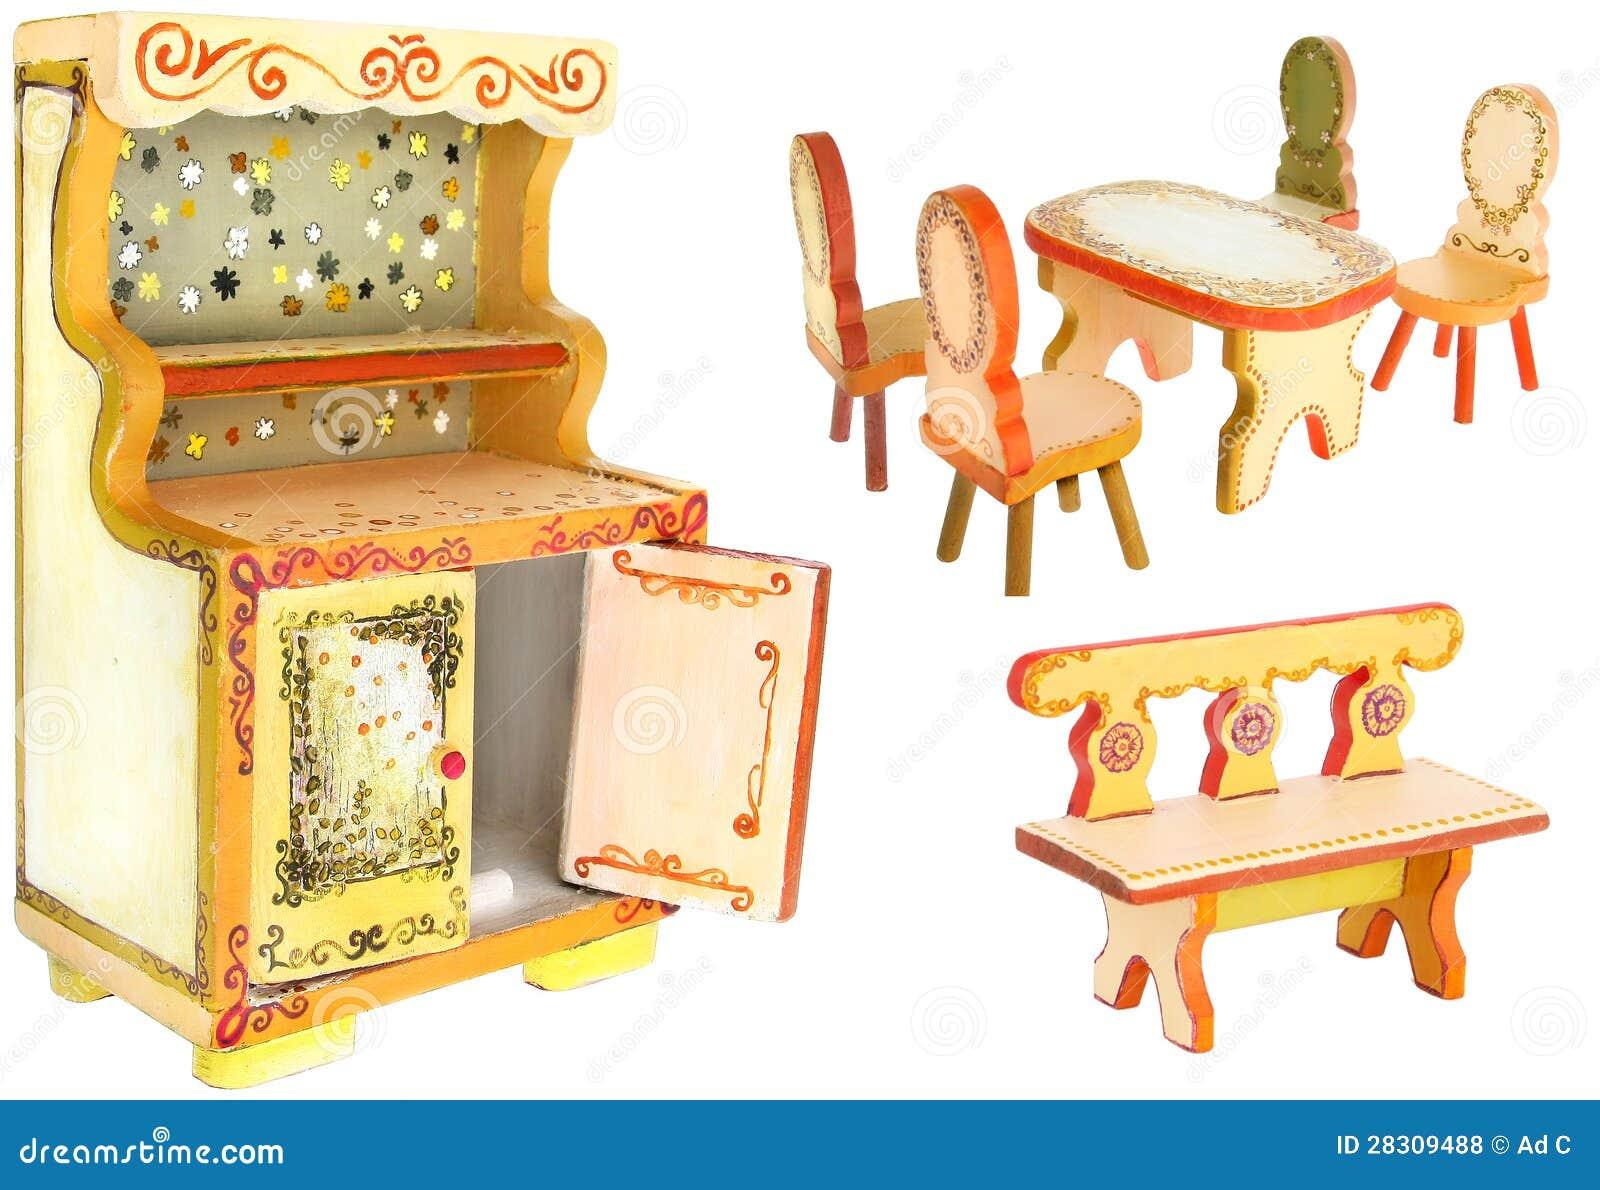 Muebles de madera pintados a mano de la cocina fotos de - Muebles pintados a mano fotos ...